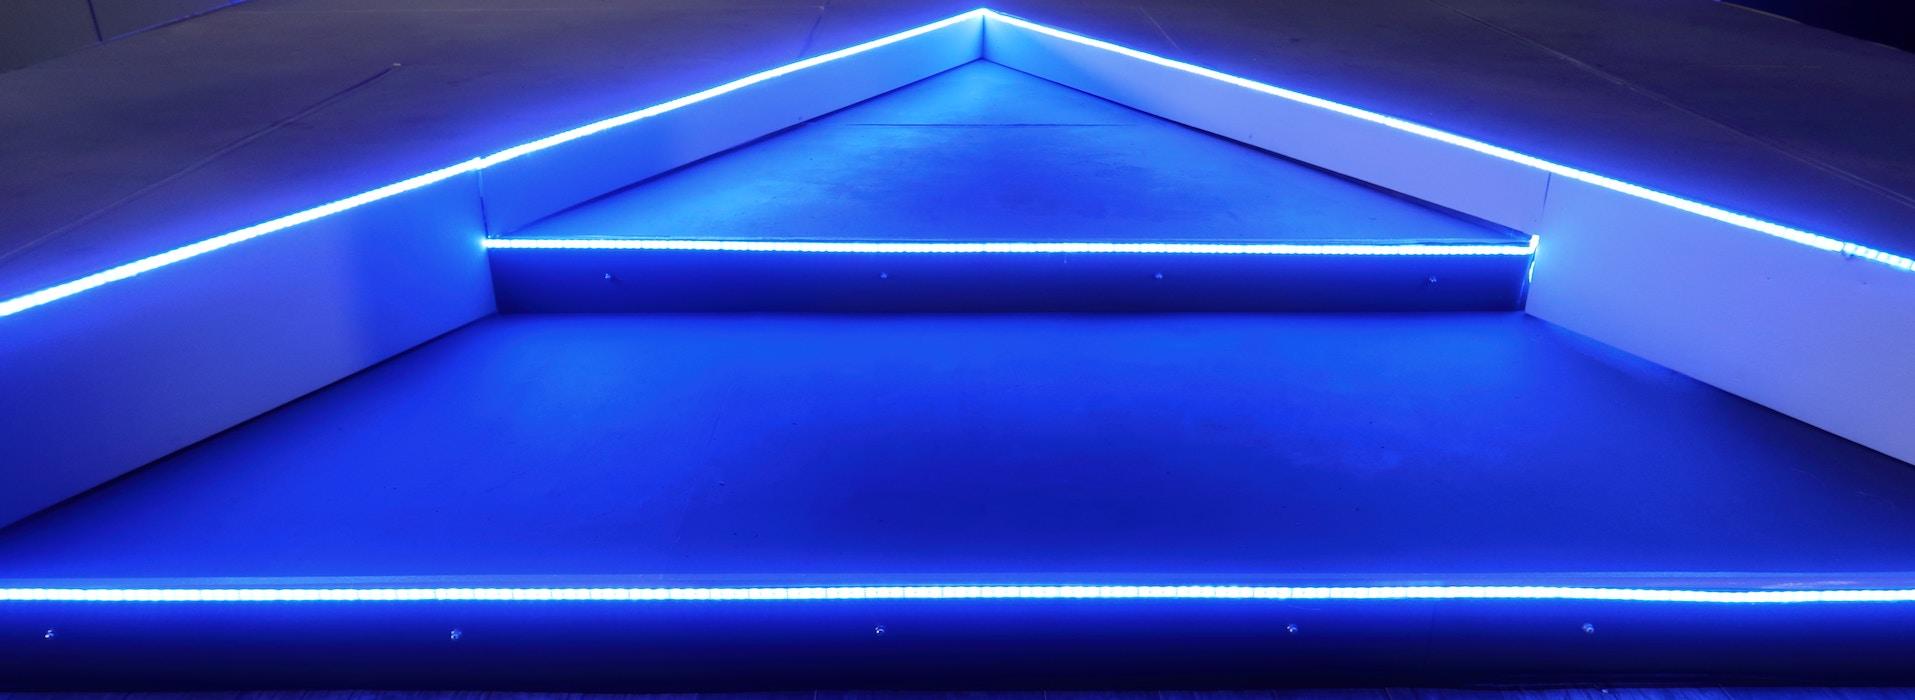 Blue Stairs Data Analytics Trends keyvisual